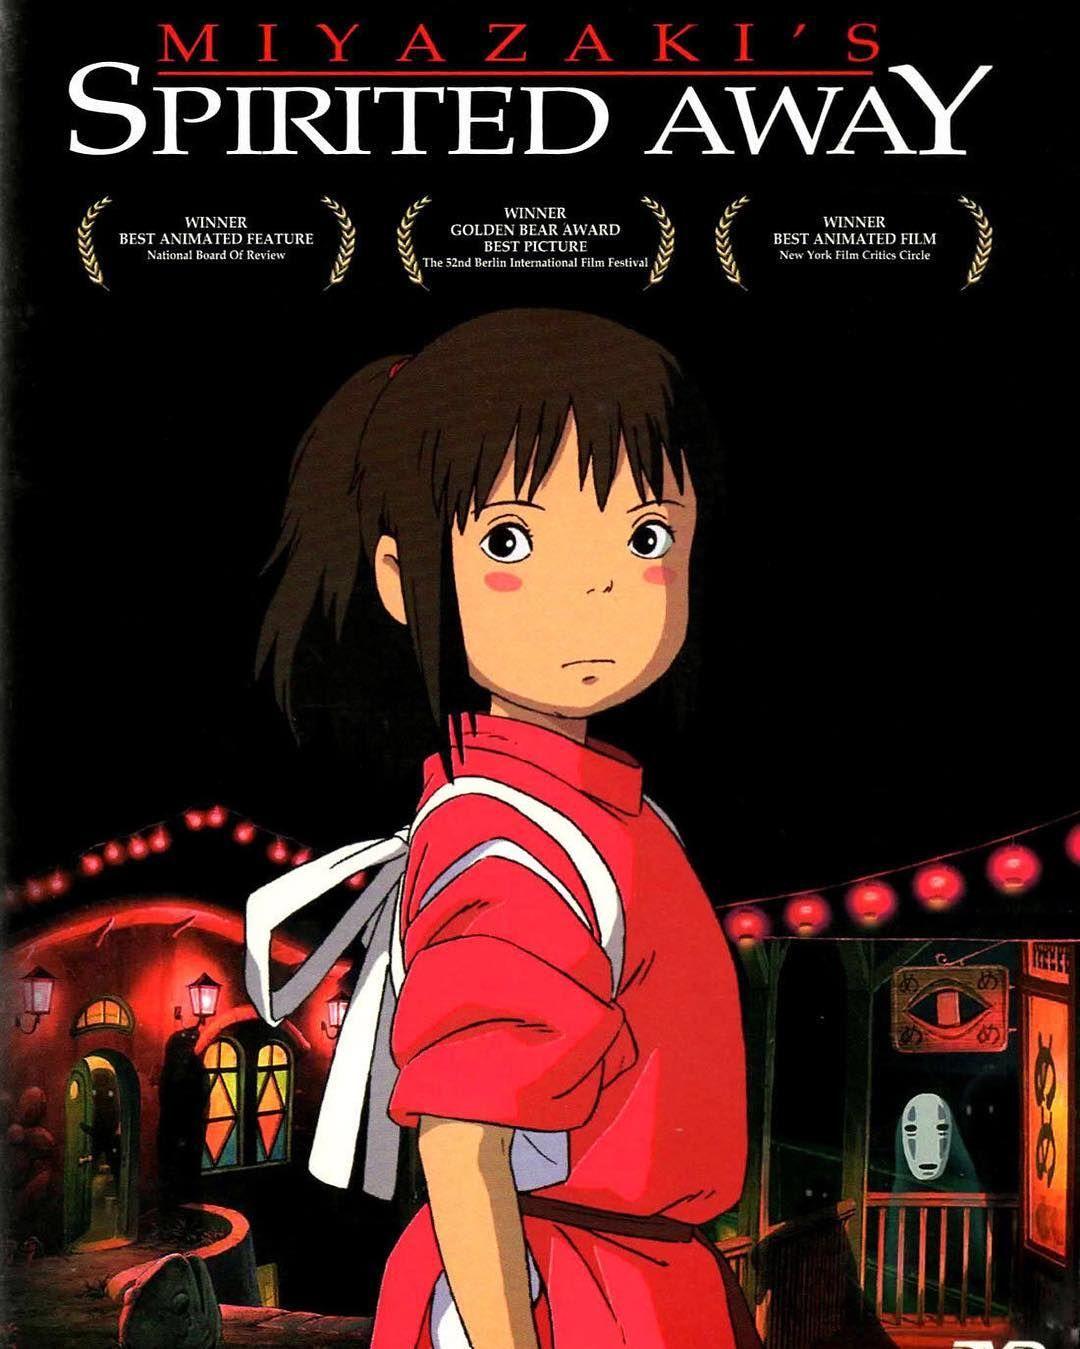 Le Voyage De Chiro Streaming : voyage, chiro, streaming, Hayao, Miyazaki, Relacionado